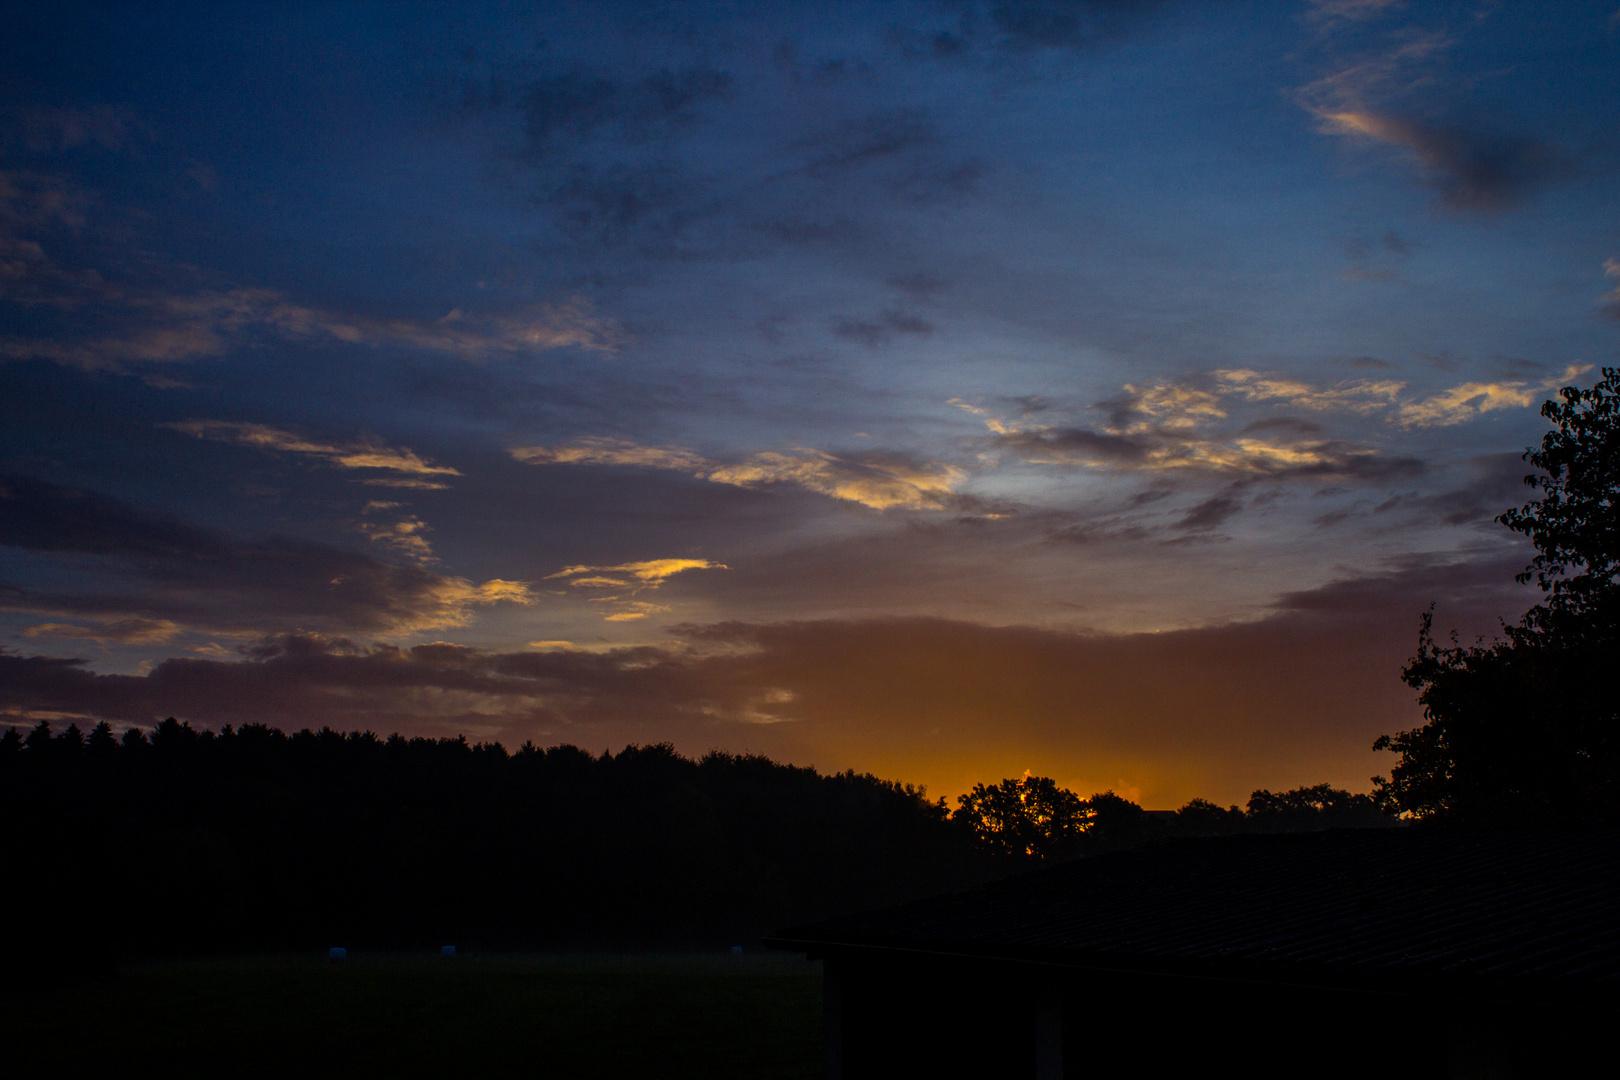 Daybreak in autumn